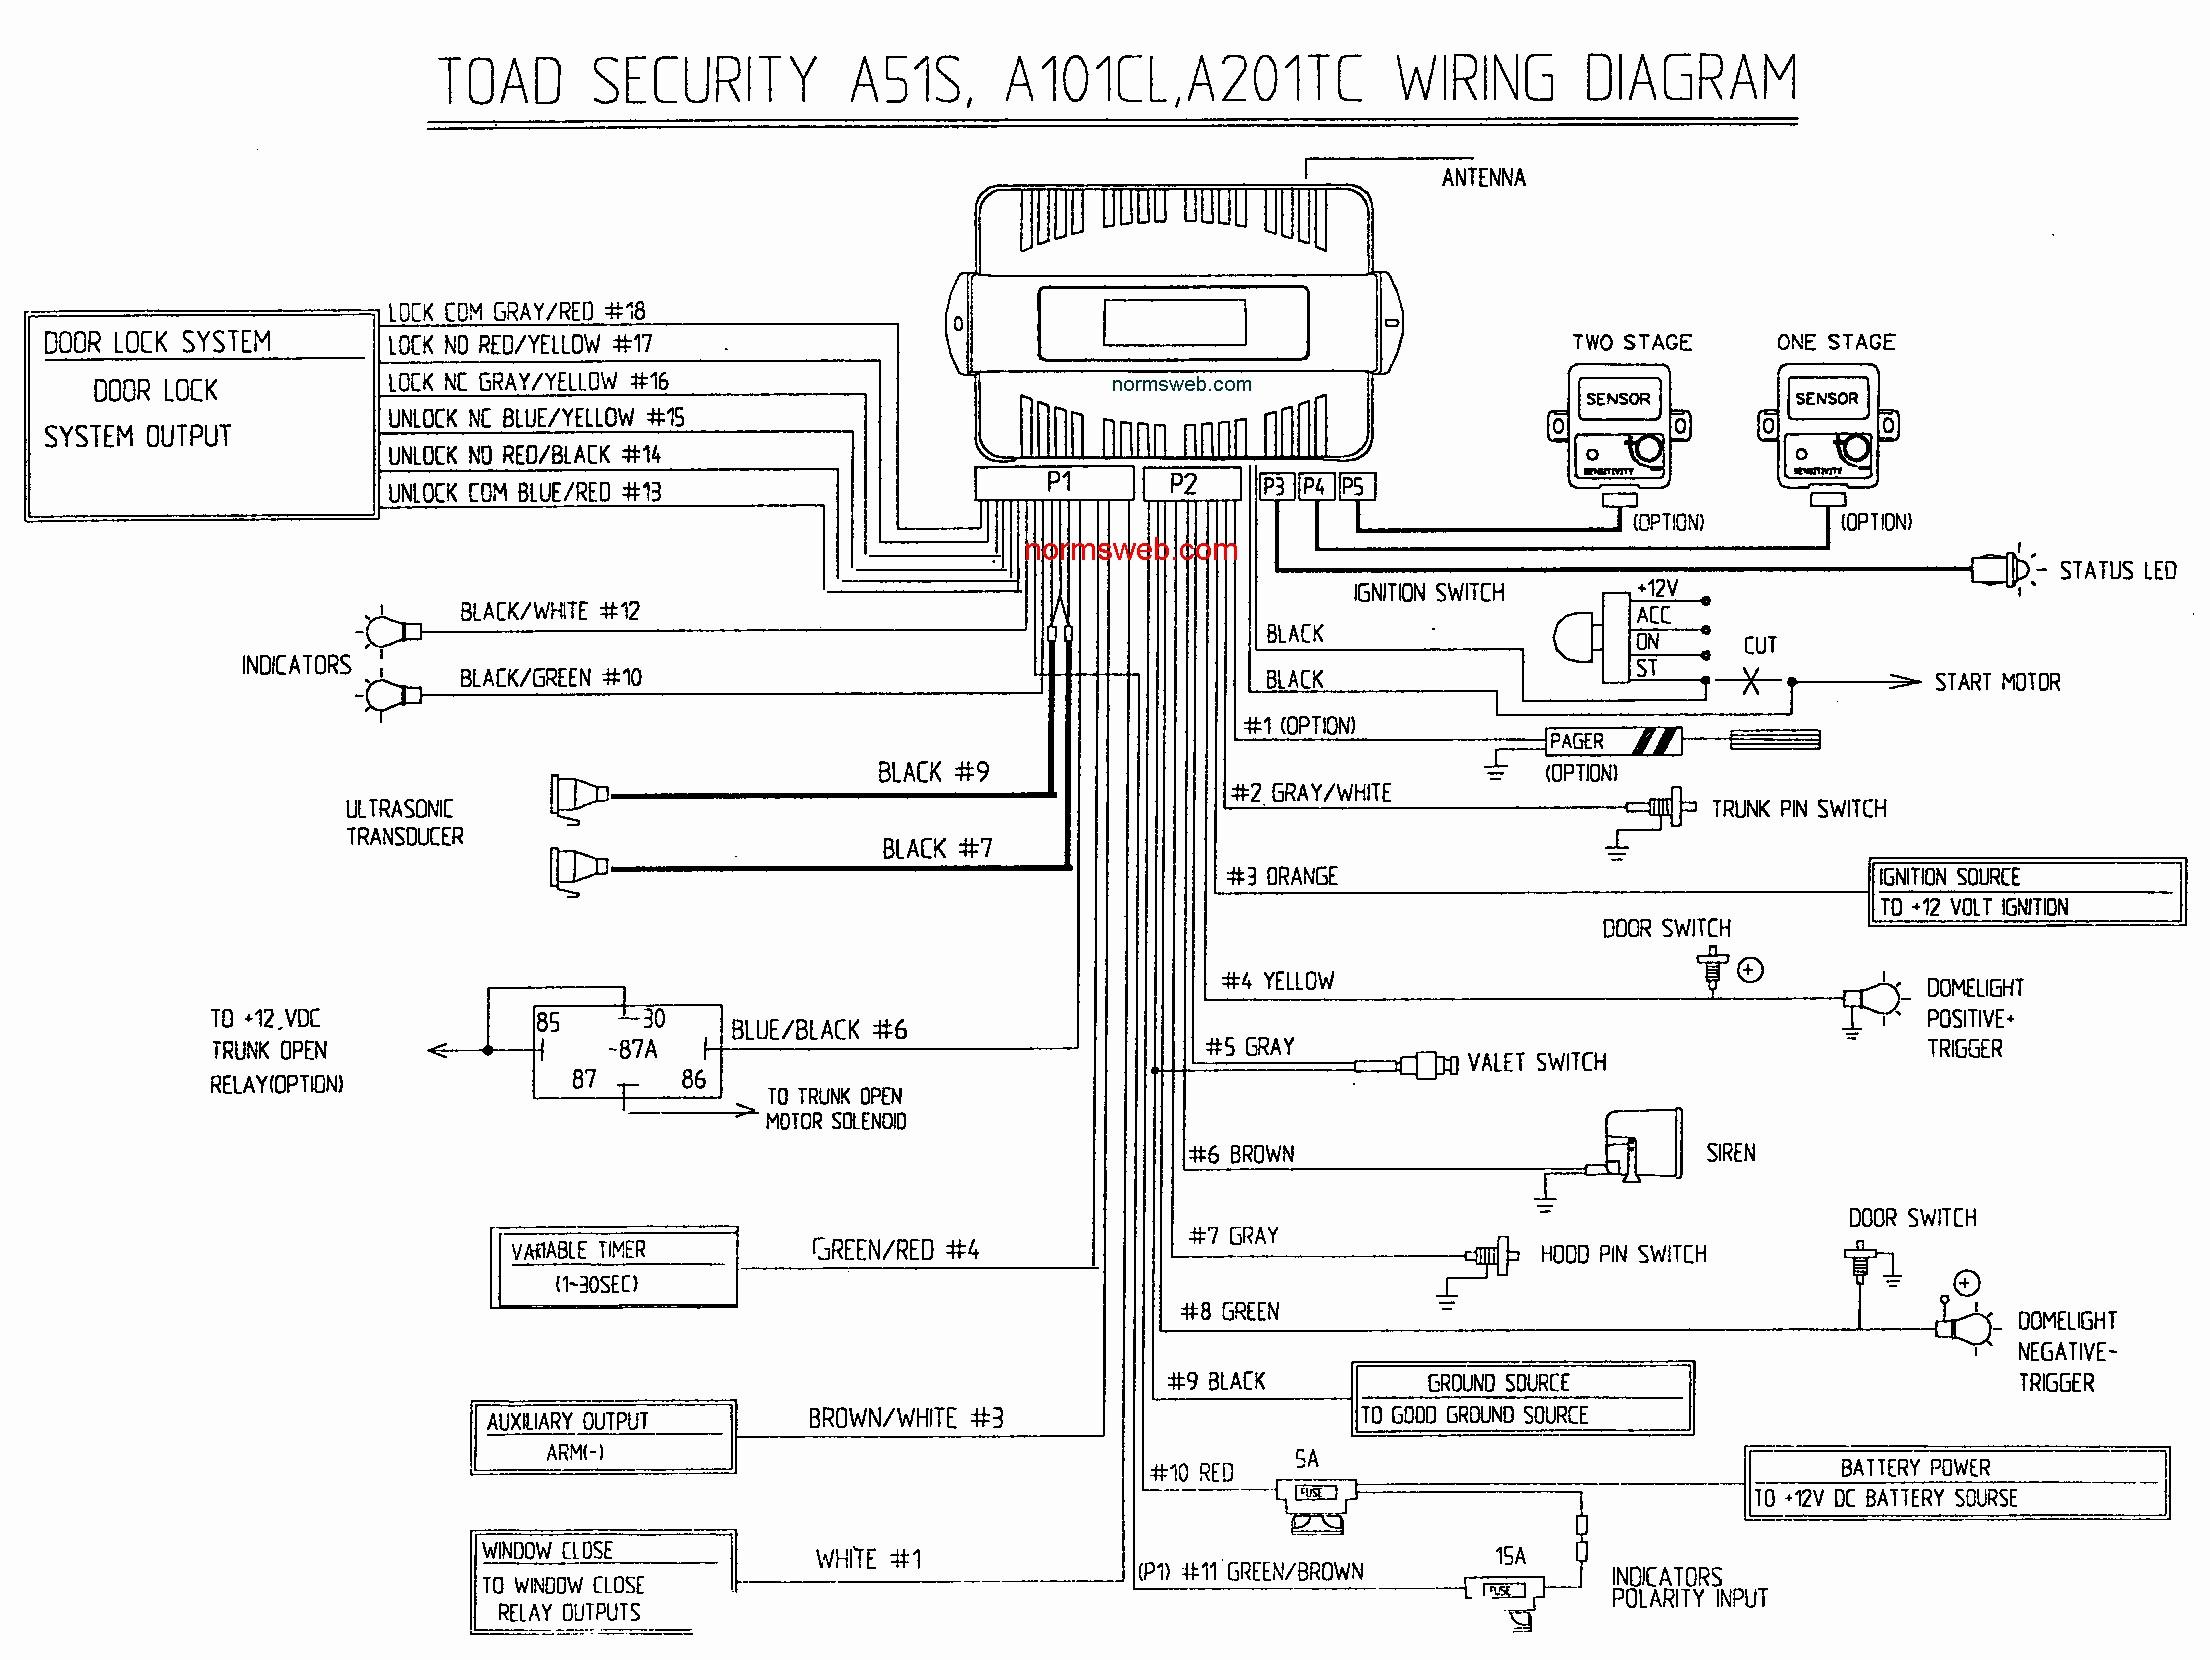 bulldog alarm wiring wiring diagrambulldog car alarm wiring diagram collection wiring diagram samplebulldog car alarm wiring diagram download wiring diagram